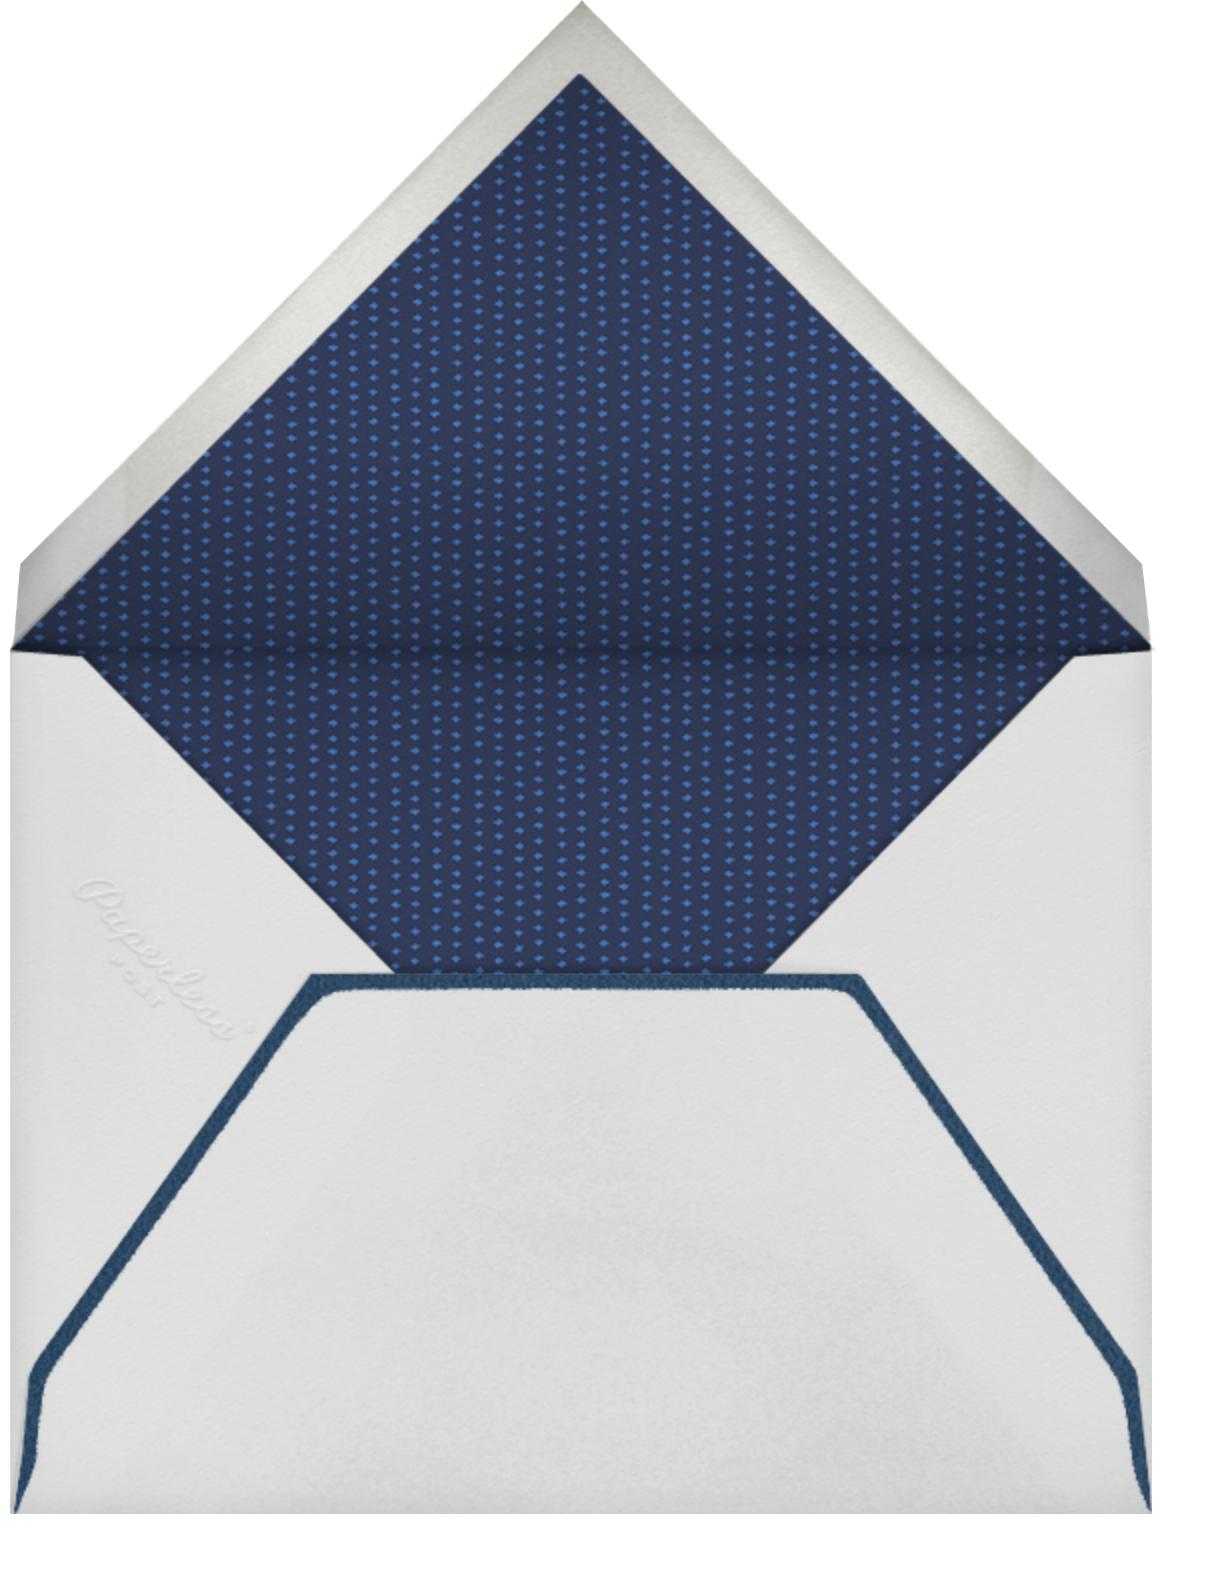 Thoroughbred Birthday - Robin'sEgg/Light - Paperless Post - Envelope